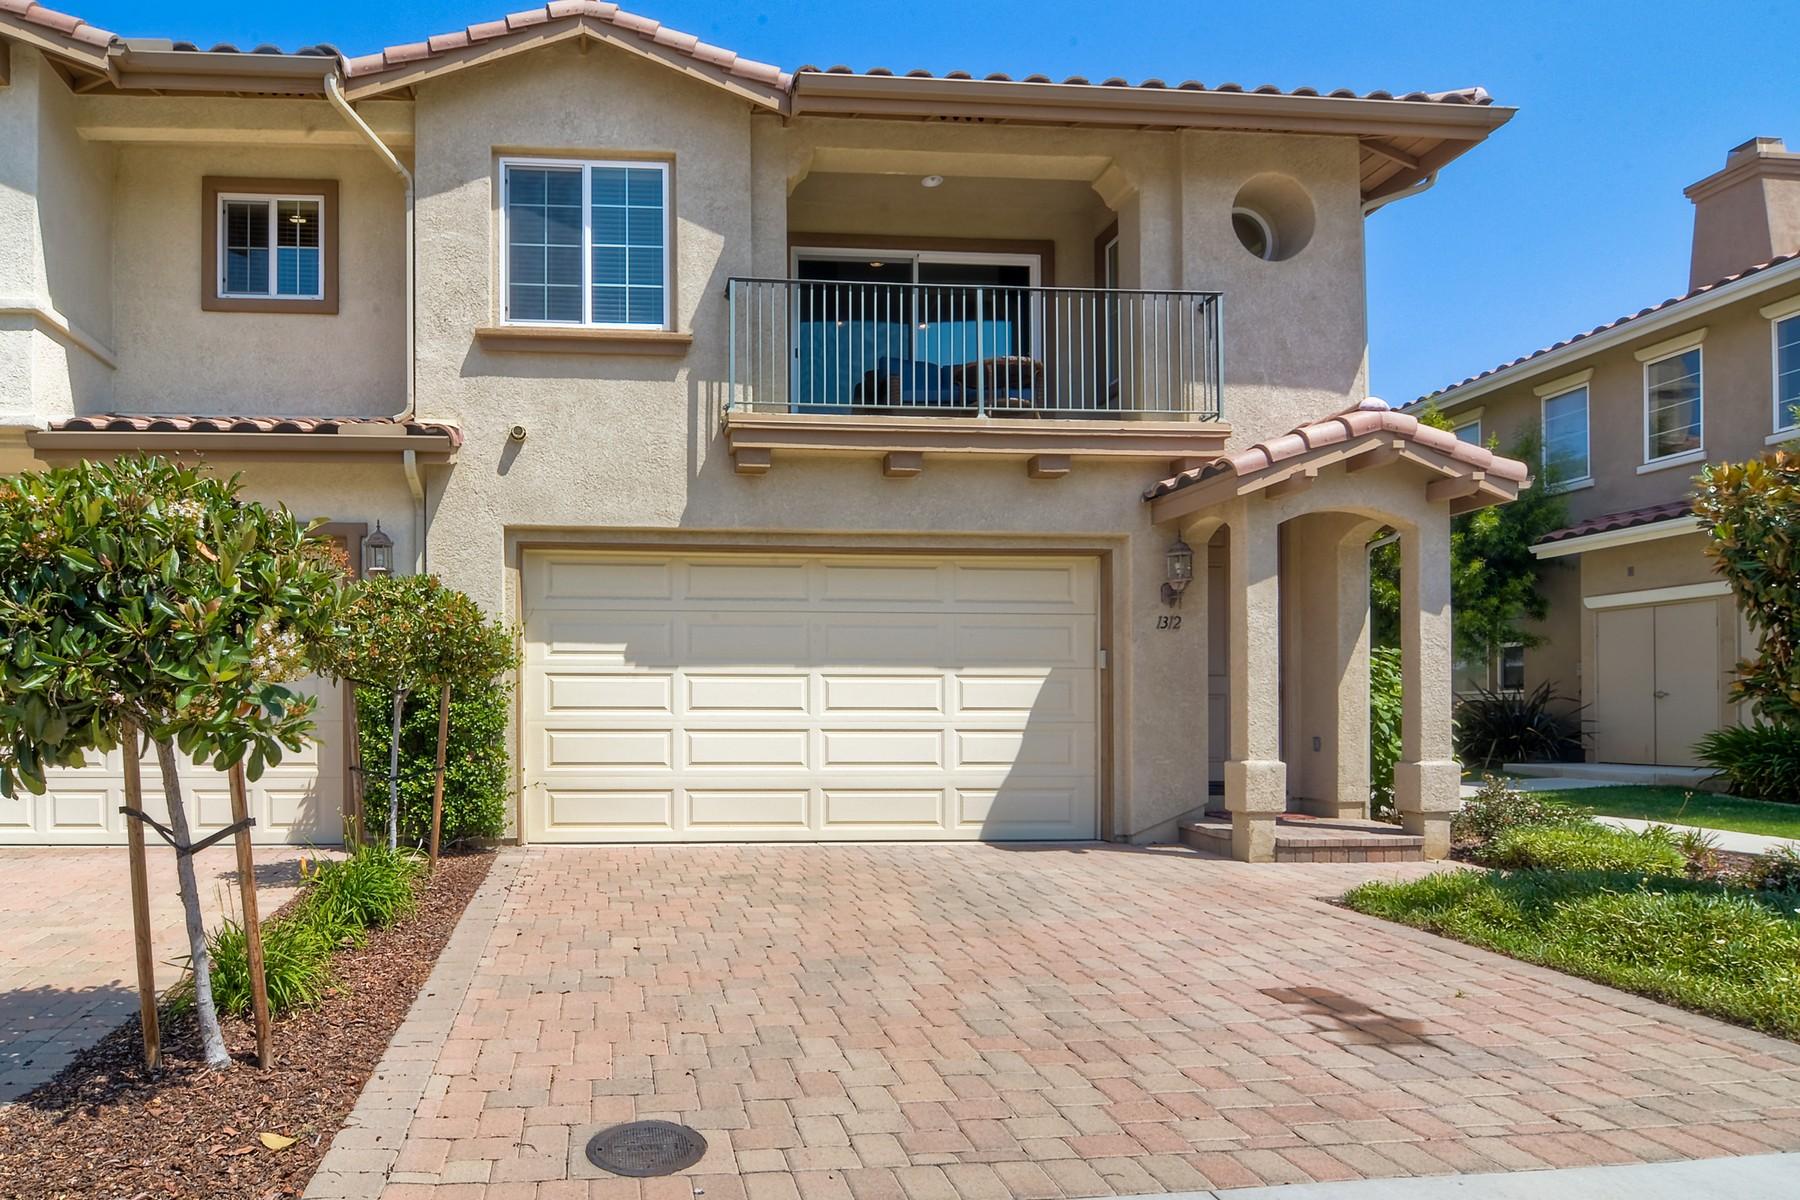 Maison unifamiliale pour l Vente à 1312 Isabella Way Vista, Californie 92084 États-Unis